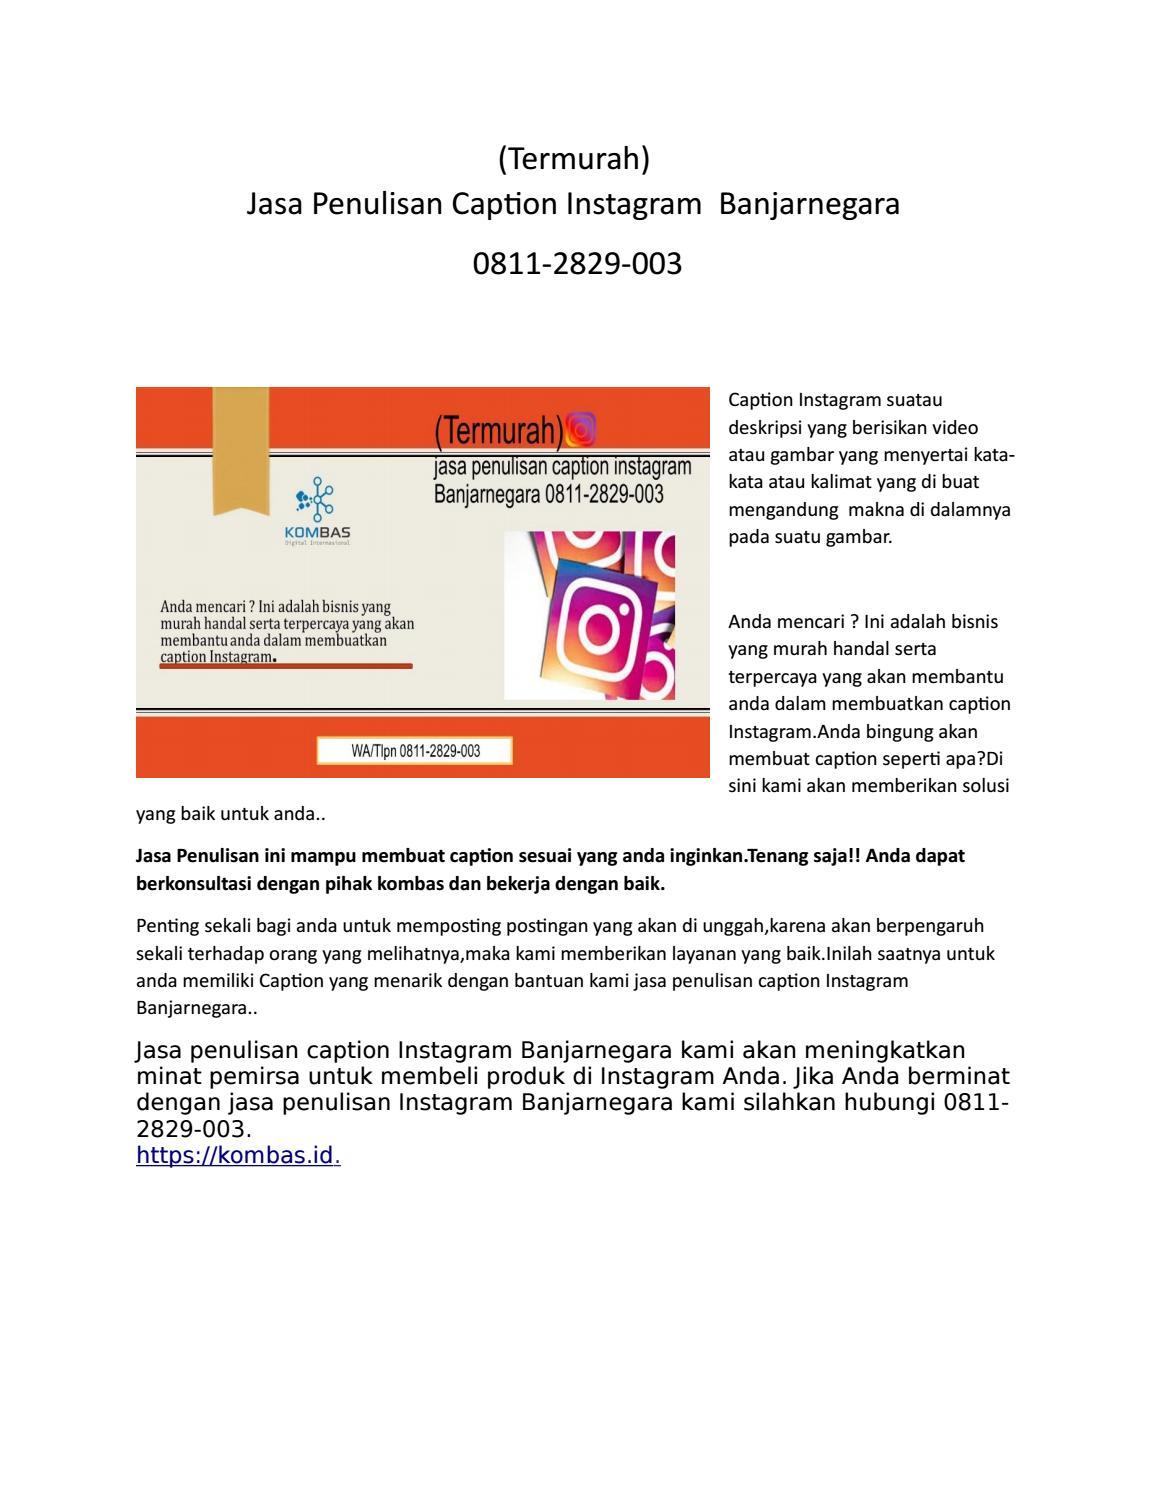 Termurah Jasa Penulisan Caption Instagram Banjarnegara